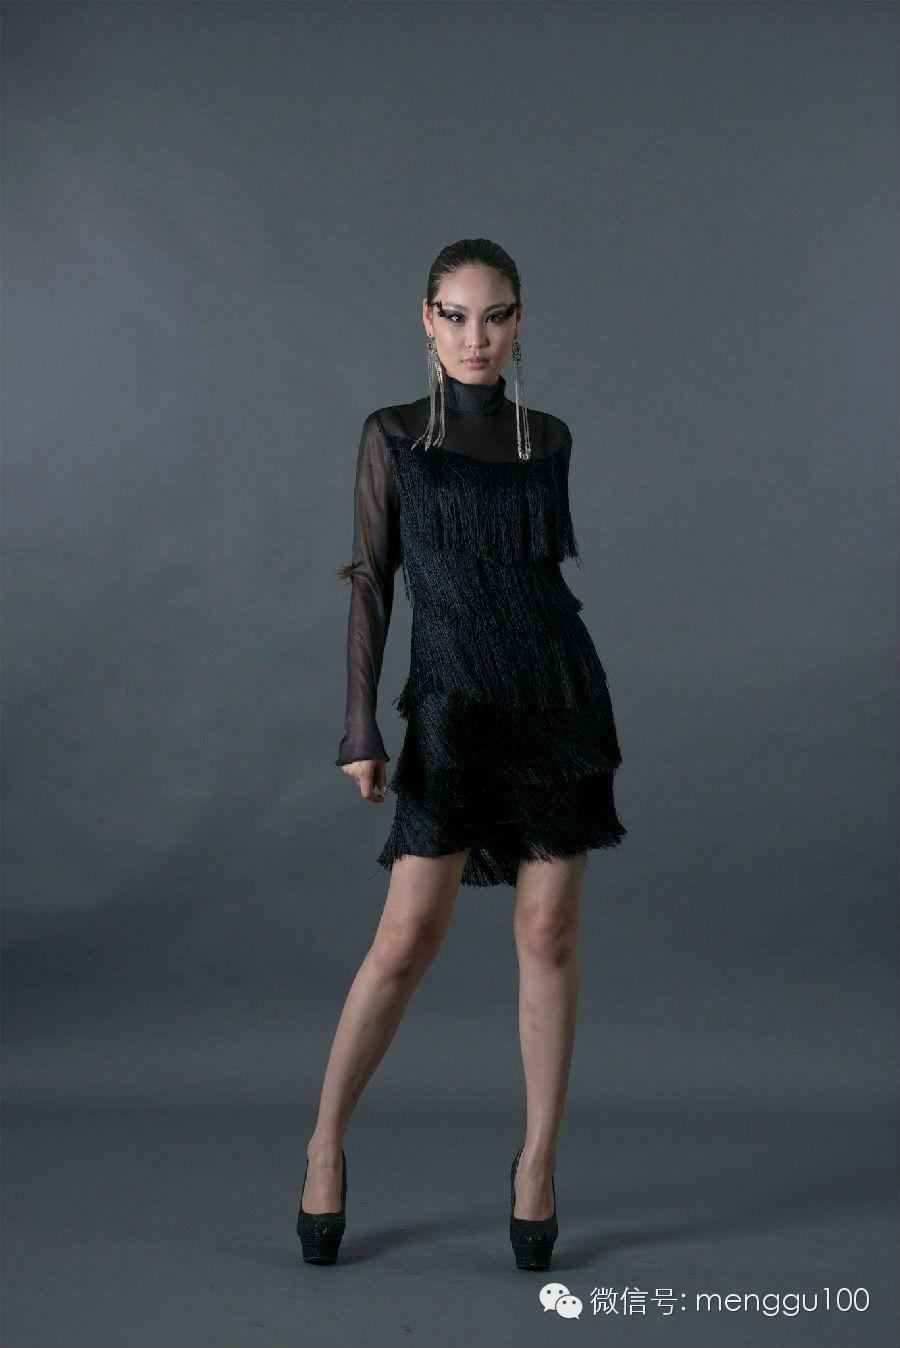 【服装服饰】蒙古国本土皮装设计 第14张